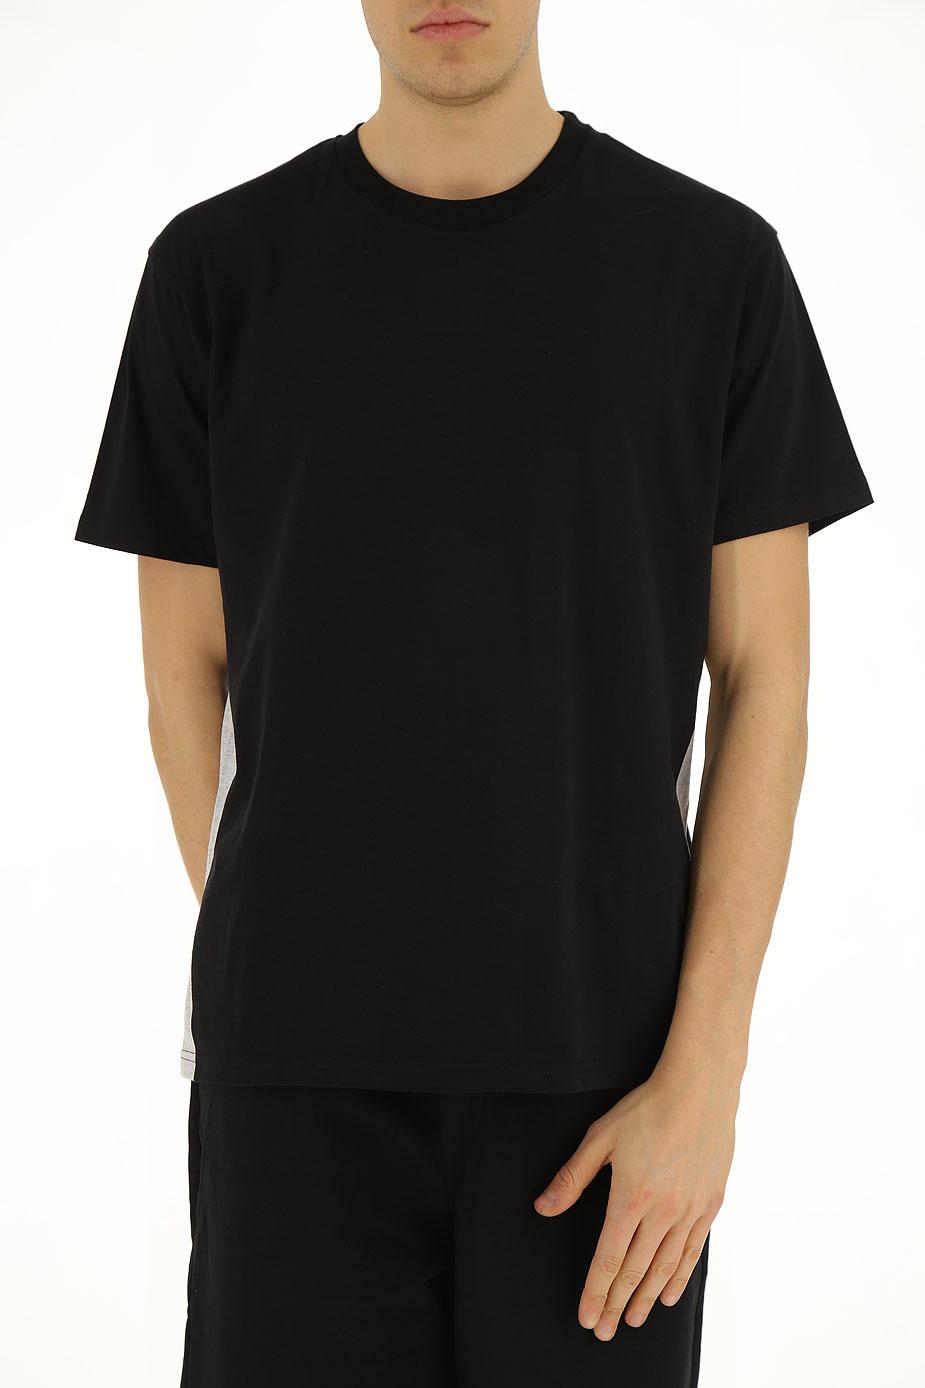 Abbigliamento Uomo Versace, Codice Articolo: bu90497-bj10289-b2018